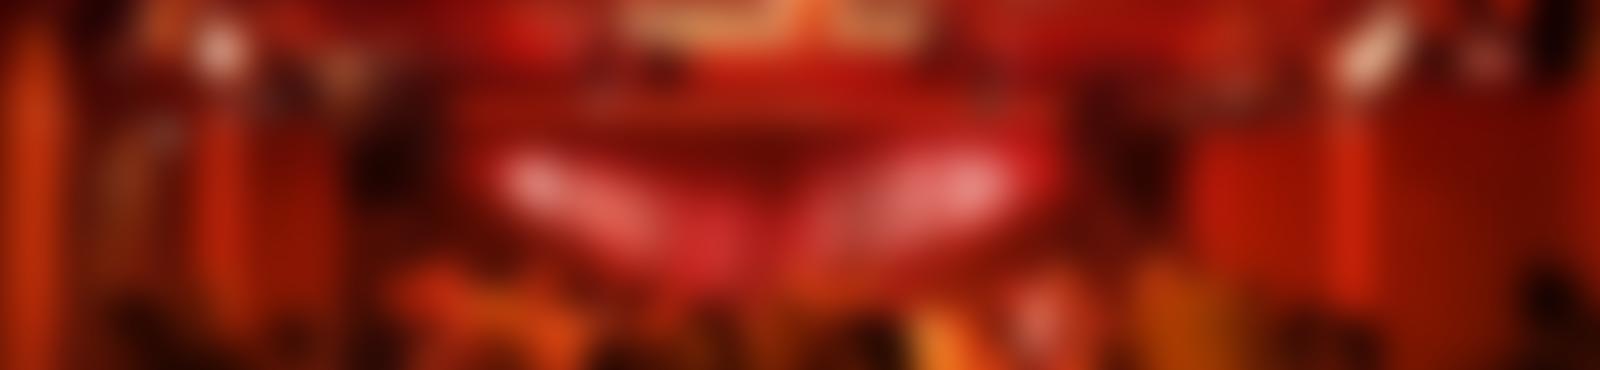 Blurred 1519813b 729f 43e0 9f0f 61da80dc4700